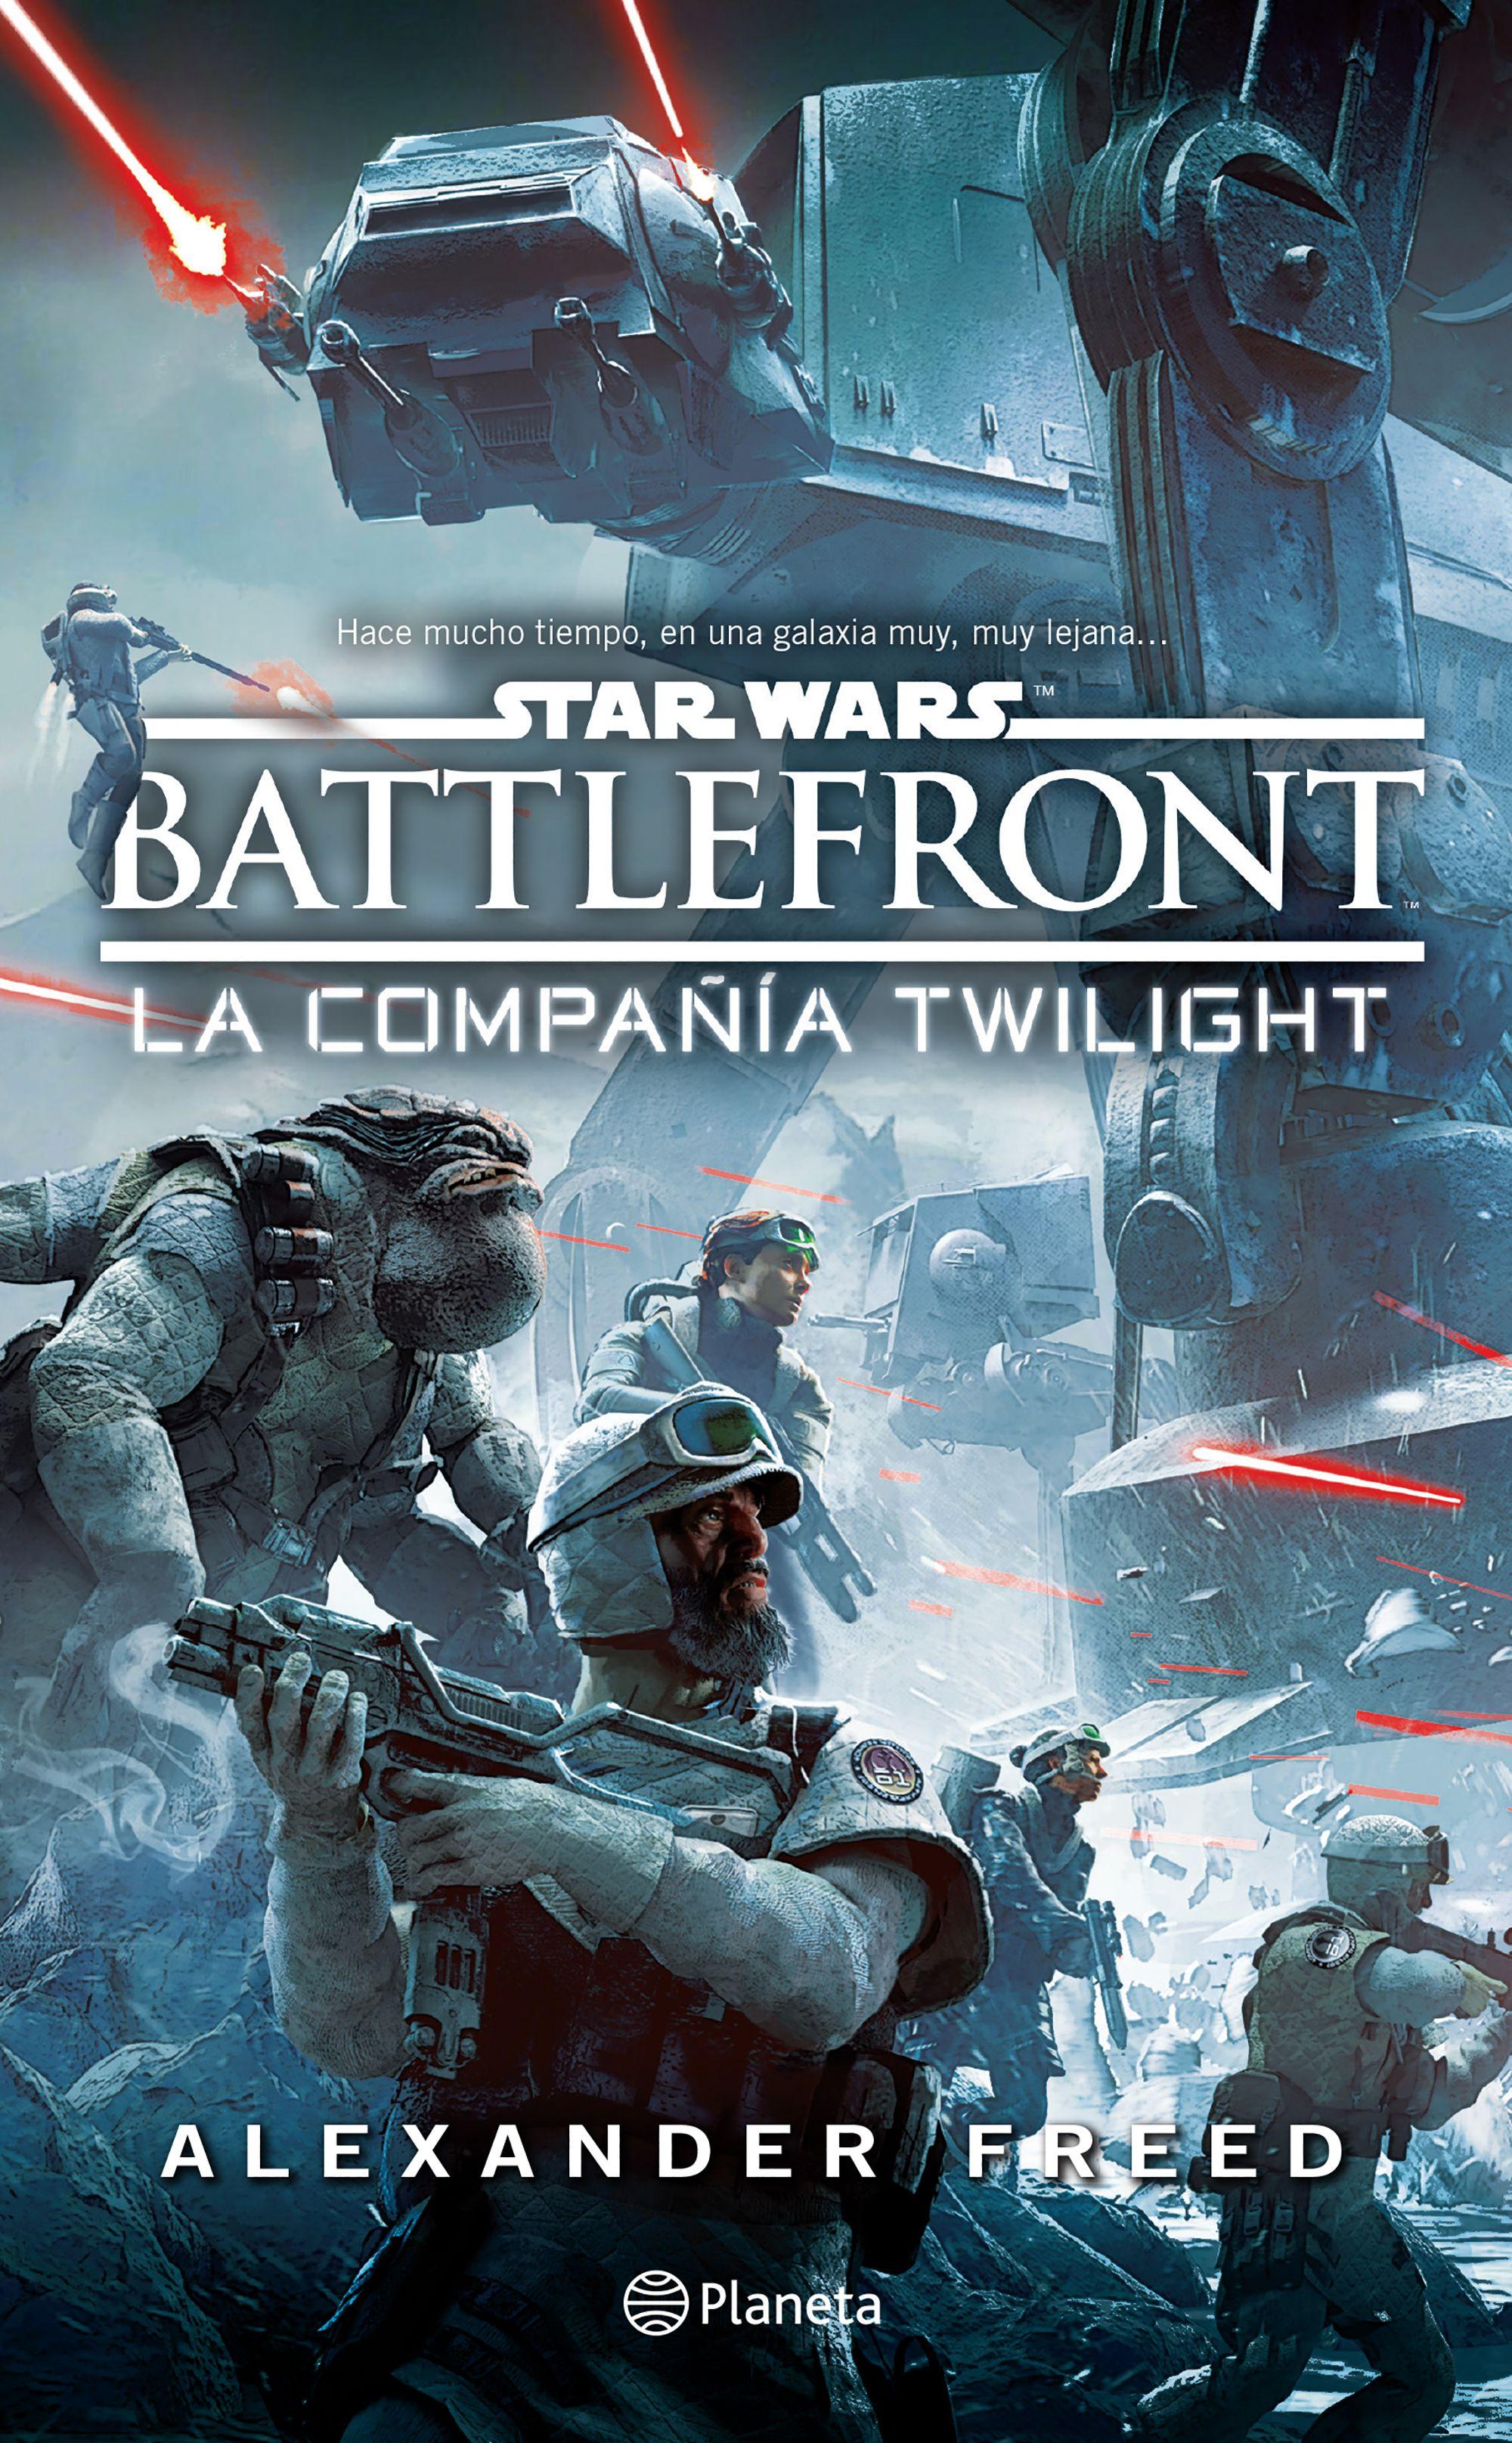 Battlefront: La Compañía Crepúsculo